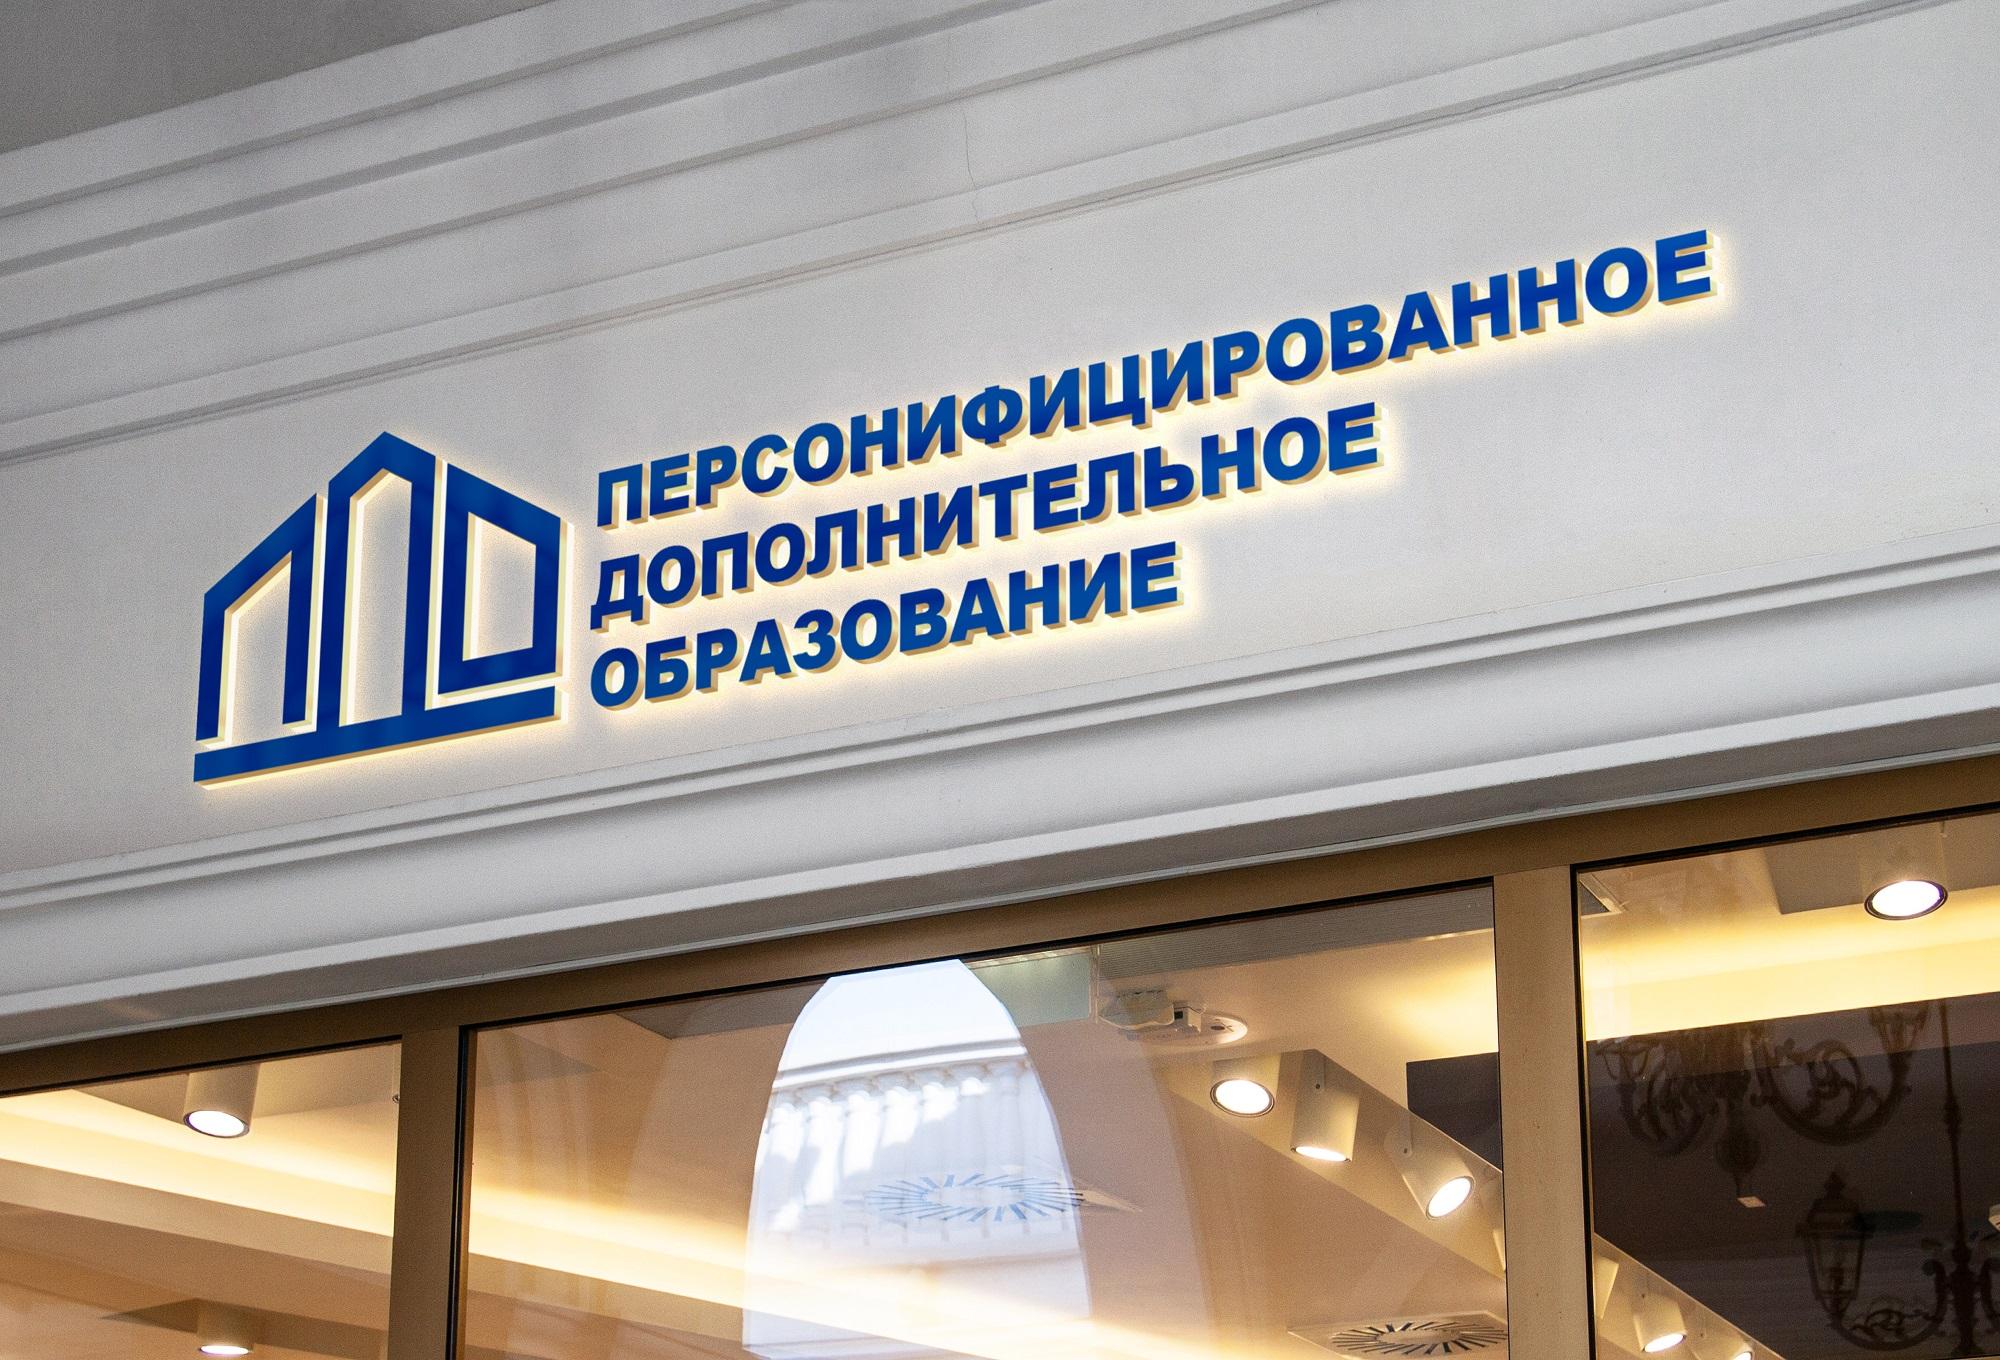 Логотип для интернет-портала фото f_4545a43f04b92b71.jpg